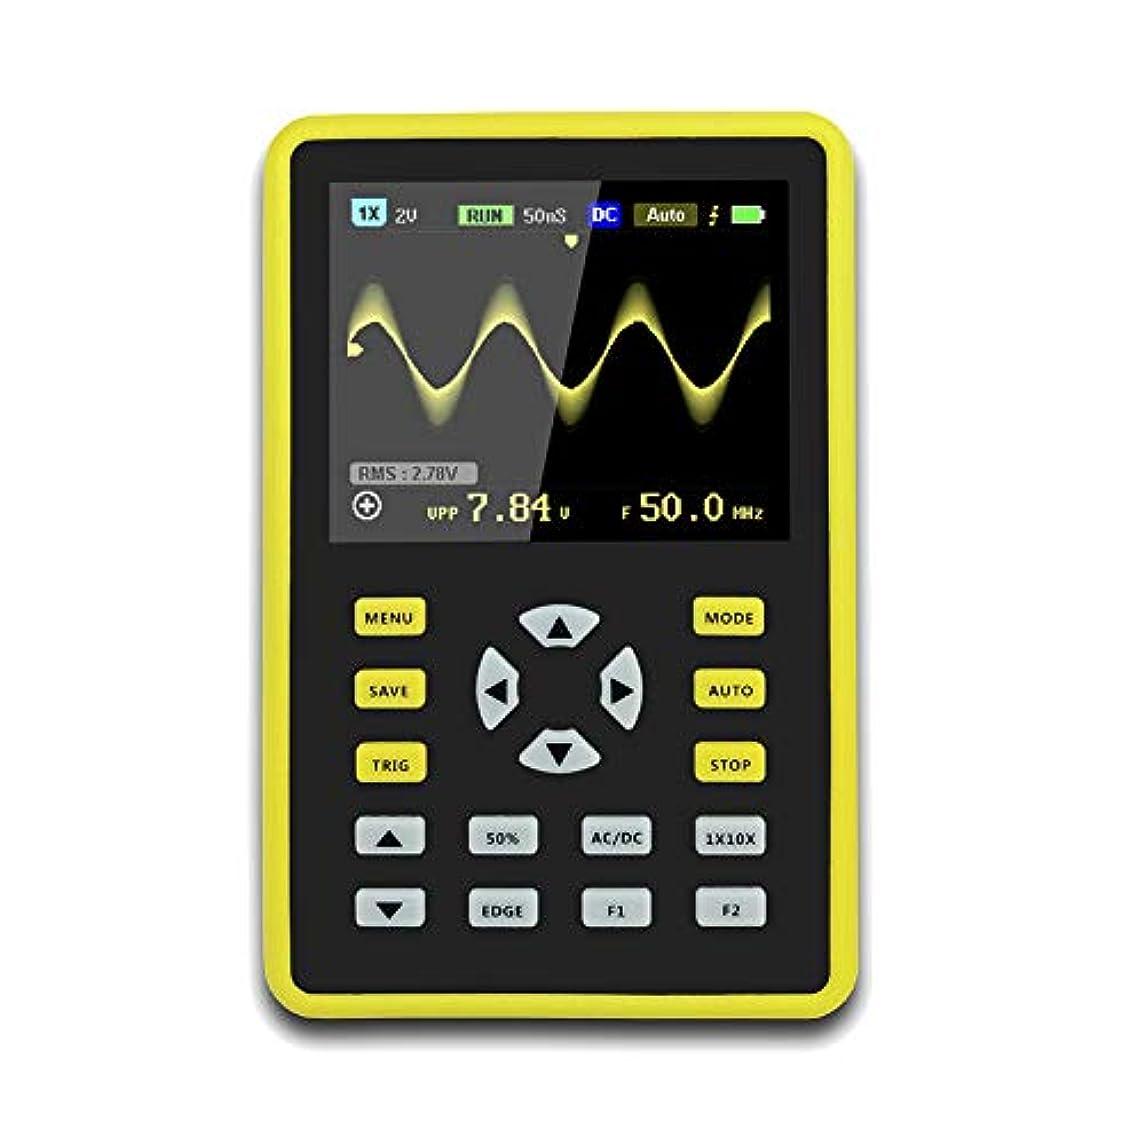 聖書実験勇気のあるXlp  手持ち型デジタル小型オシロスコープ2.4インチ500 MS/s IPS LCD表示スクリーンの携帯用